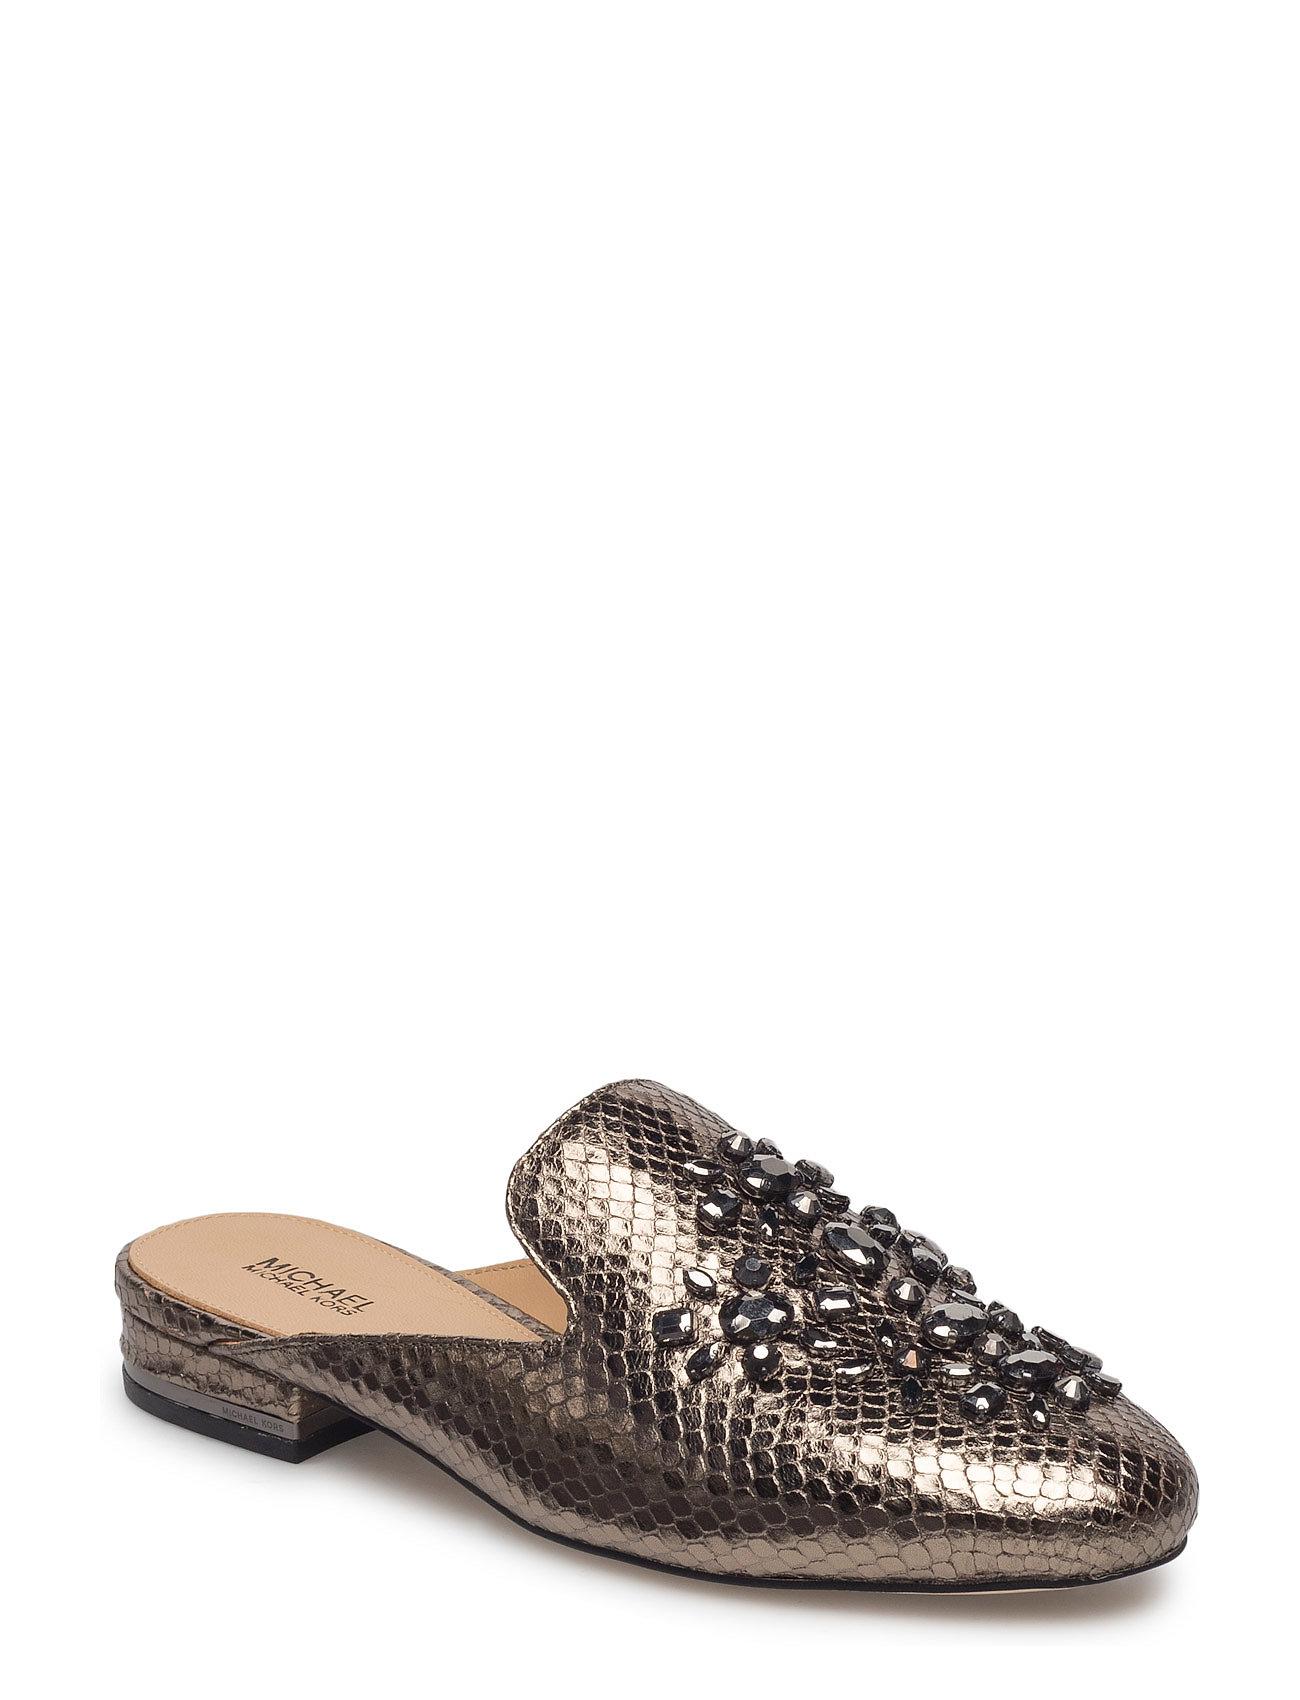 f1c11ff85c9b Køb Edie Slide Michael Kors Shoes i til Damer online